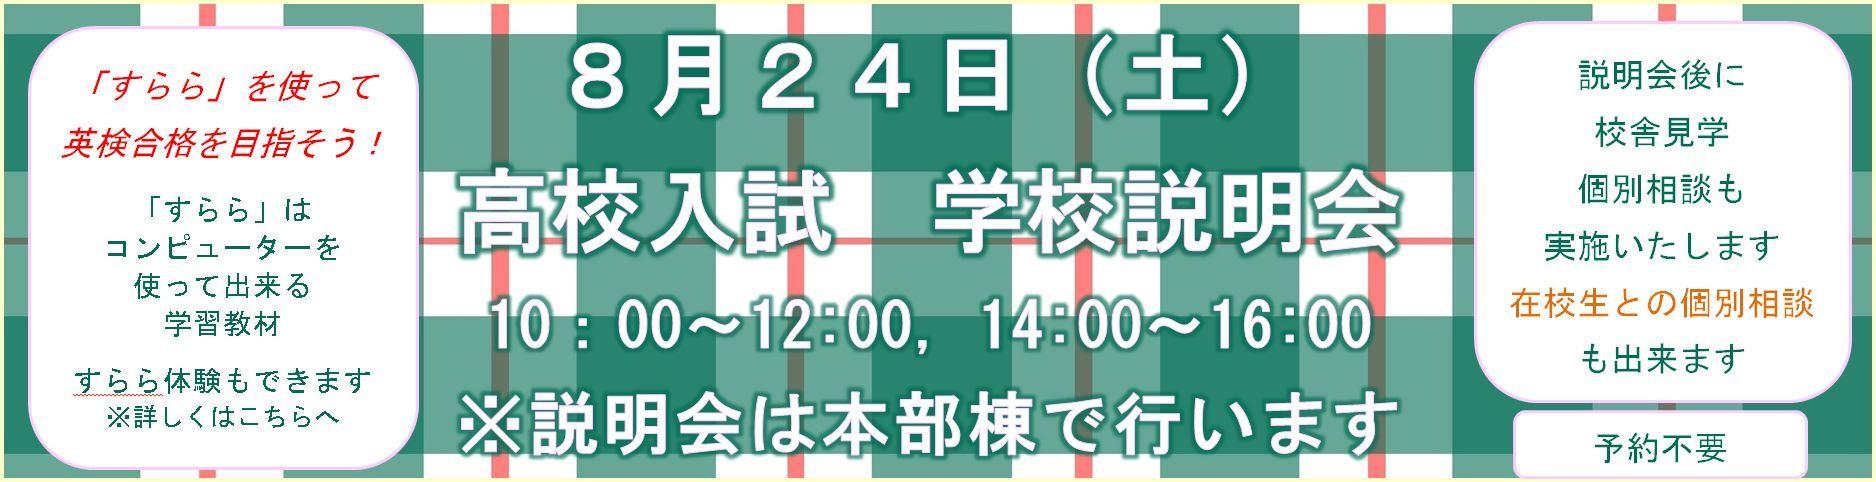 8月24日説明会.JPG